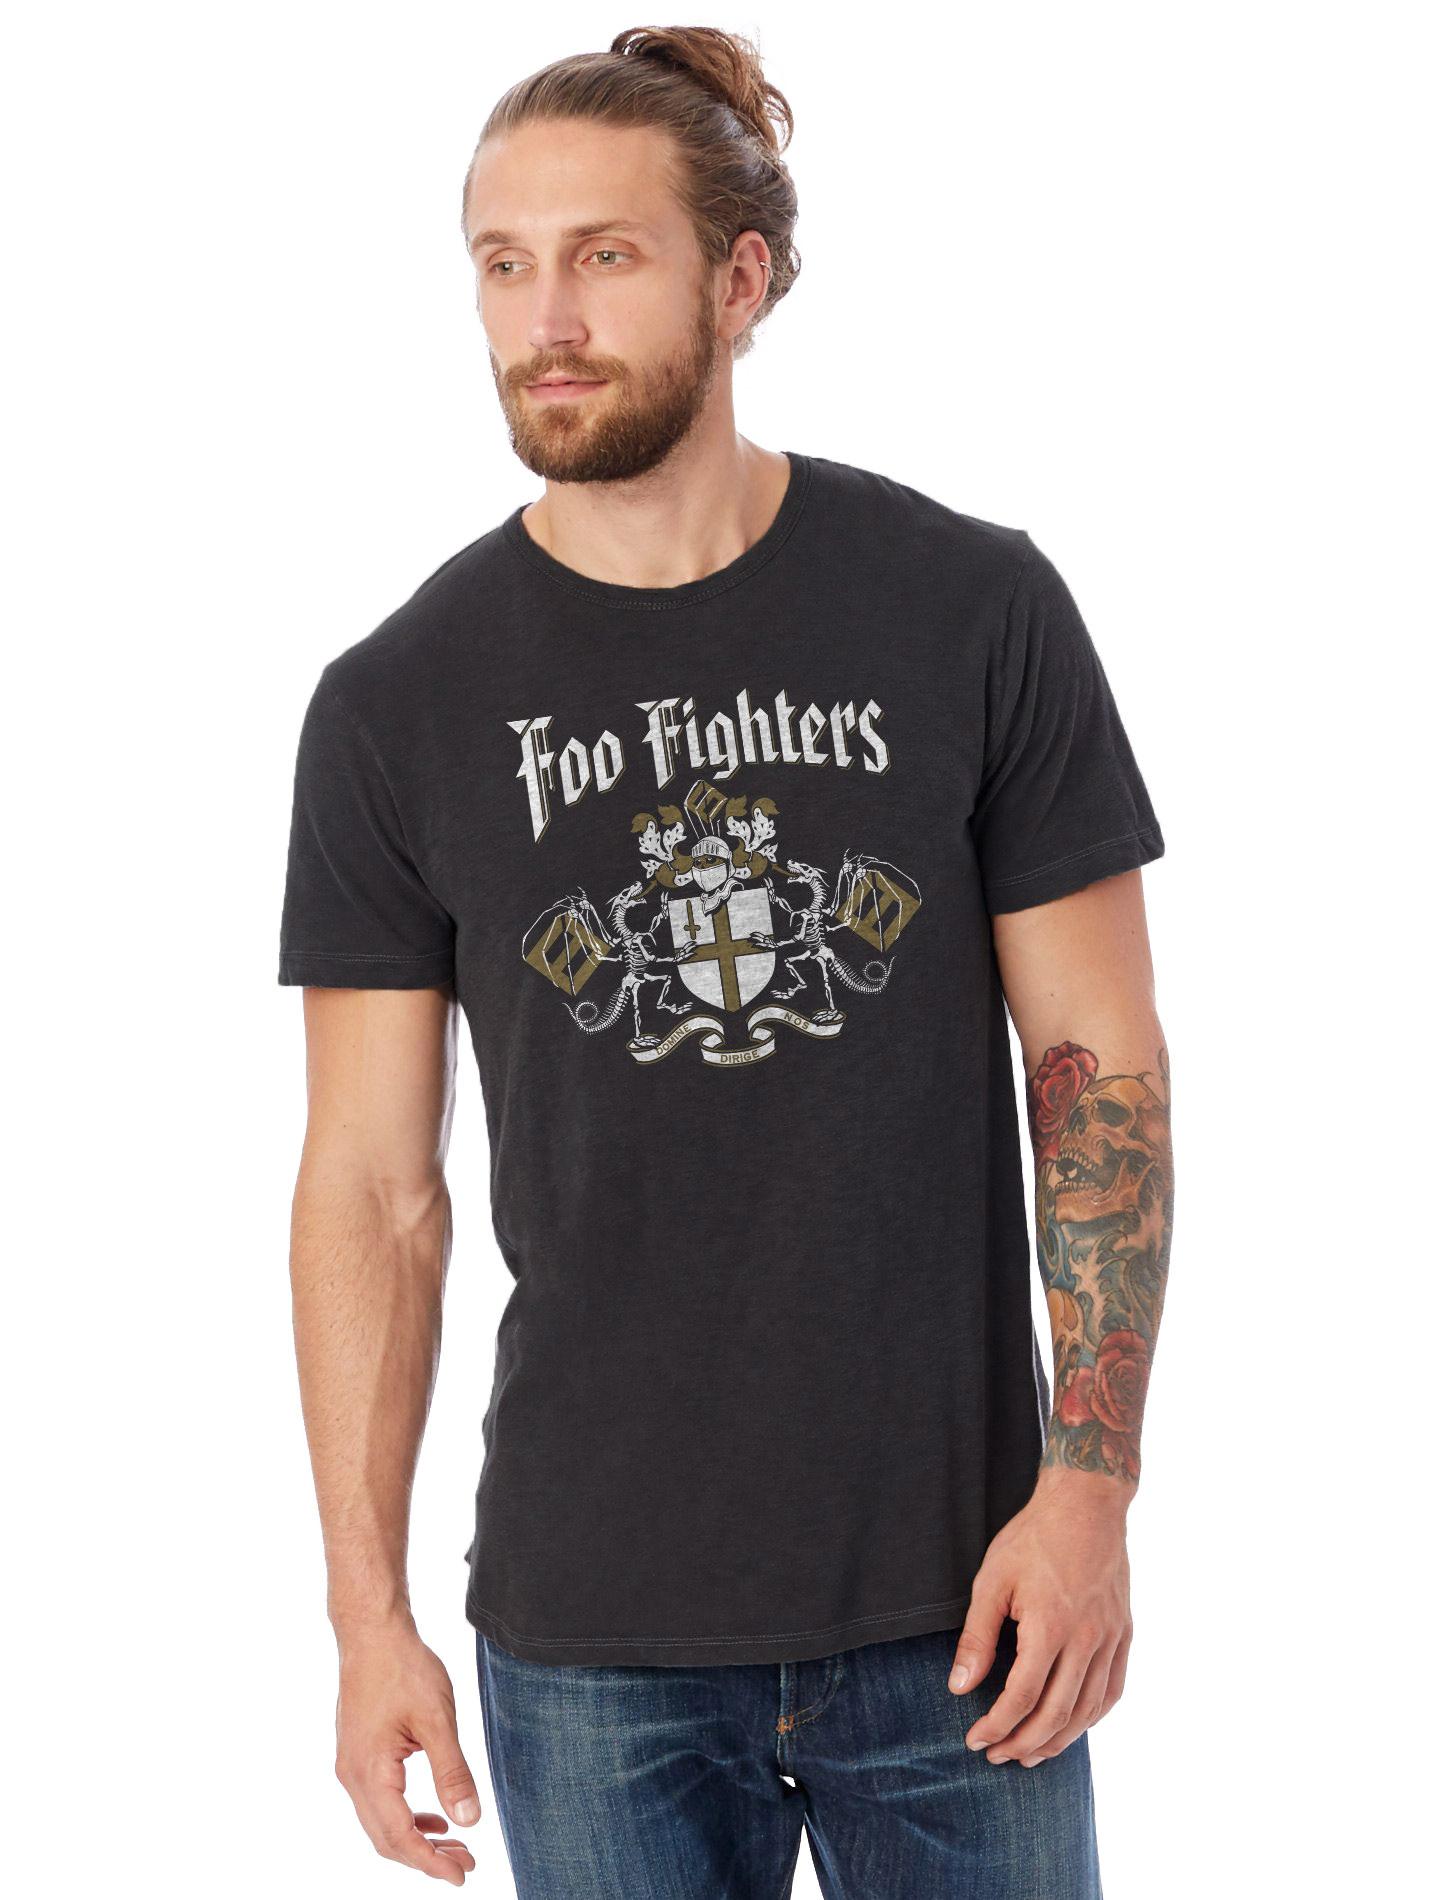 foo-fighters-arms-model.jpg